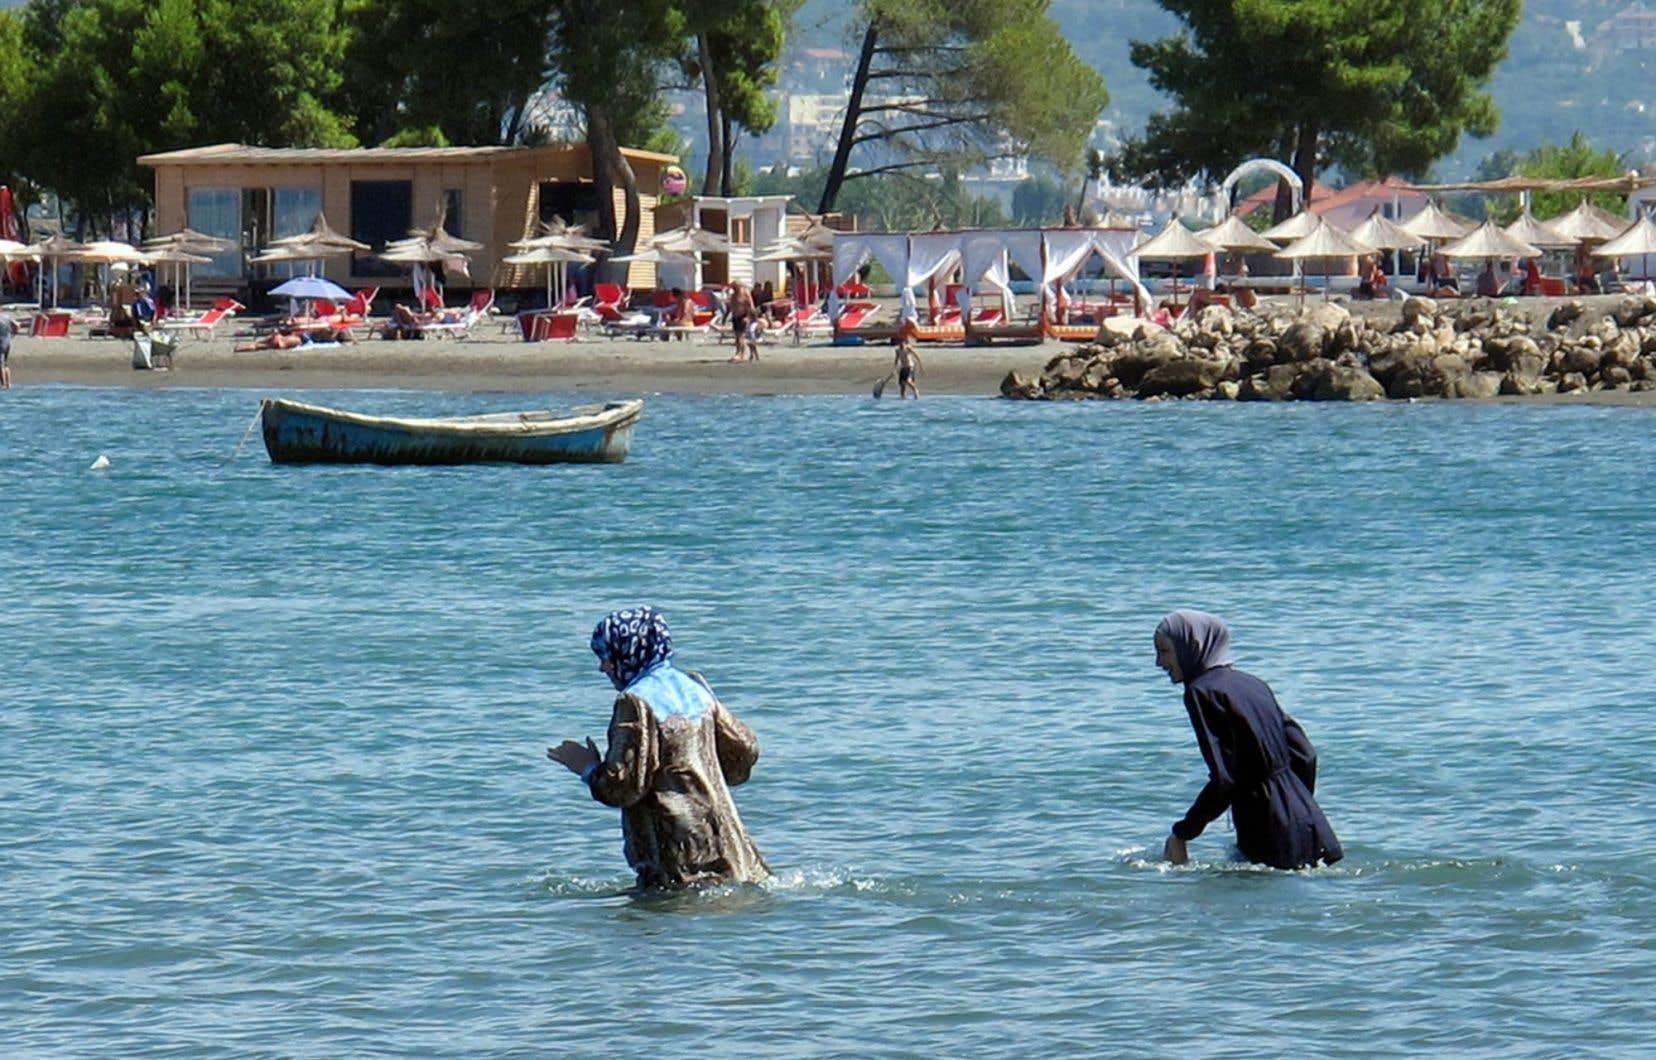 Saisi par des organisations de défense des droits de l'Homme, le conseil d'État a sèchement suspendu la décision du maire de Villeneuve-Loubet, bannissant de ses plages la tenue couvrante portée par certaines musulmanes.